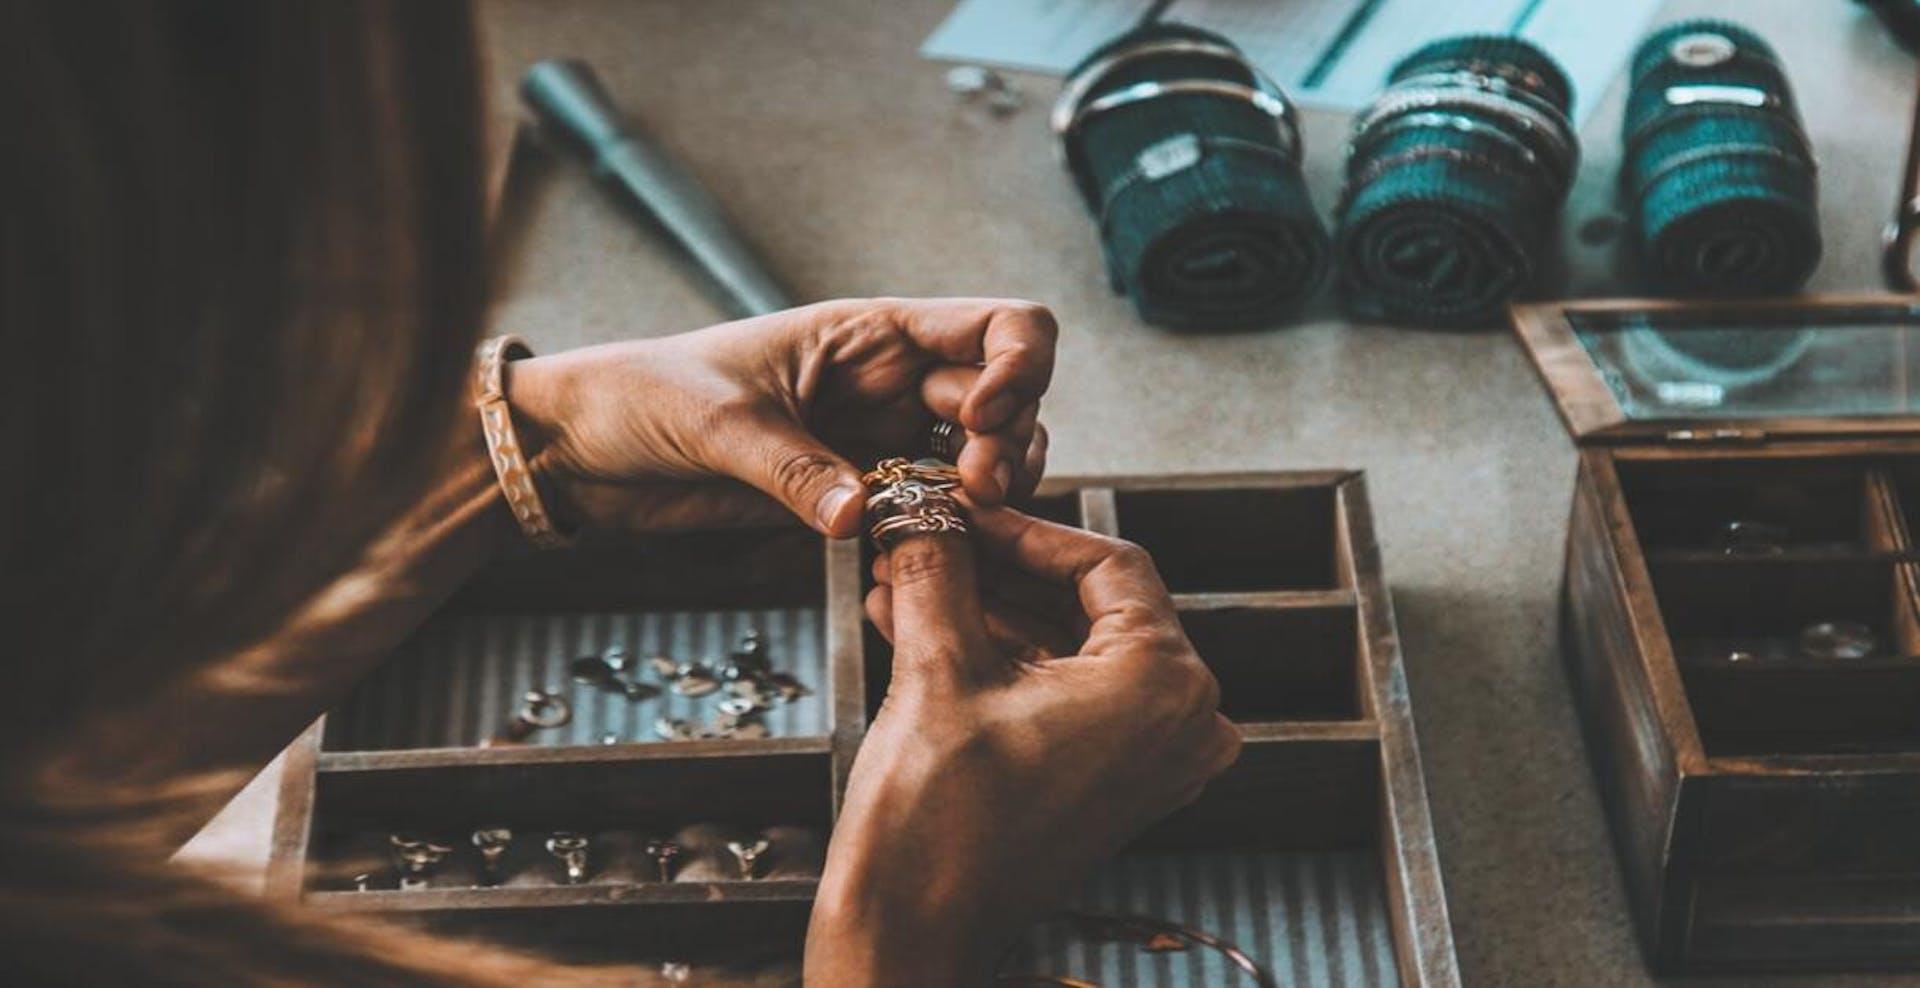 +5 herramientas de joyería para crear joyas únicas y con estilo